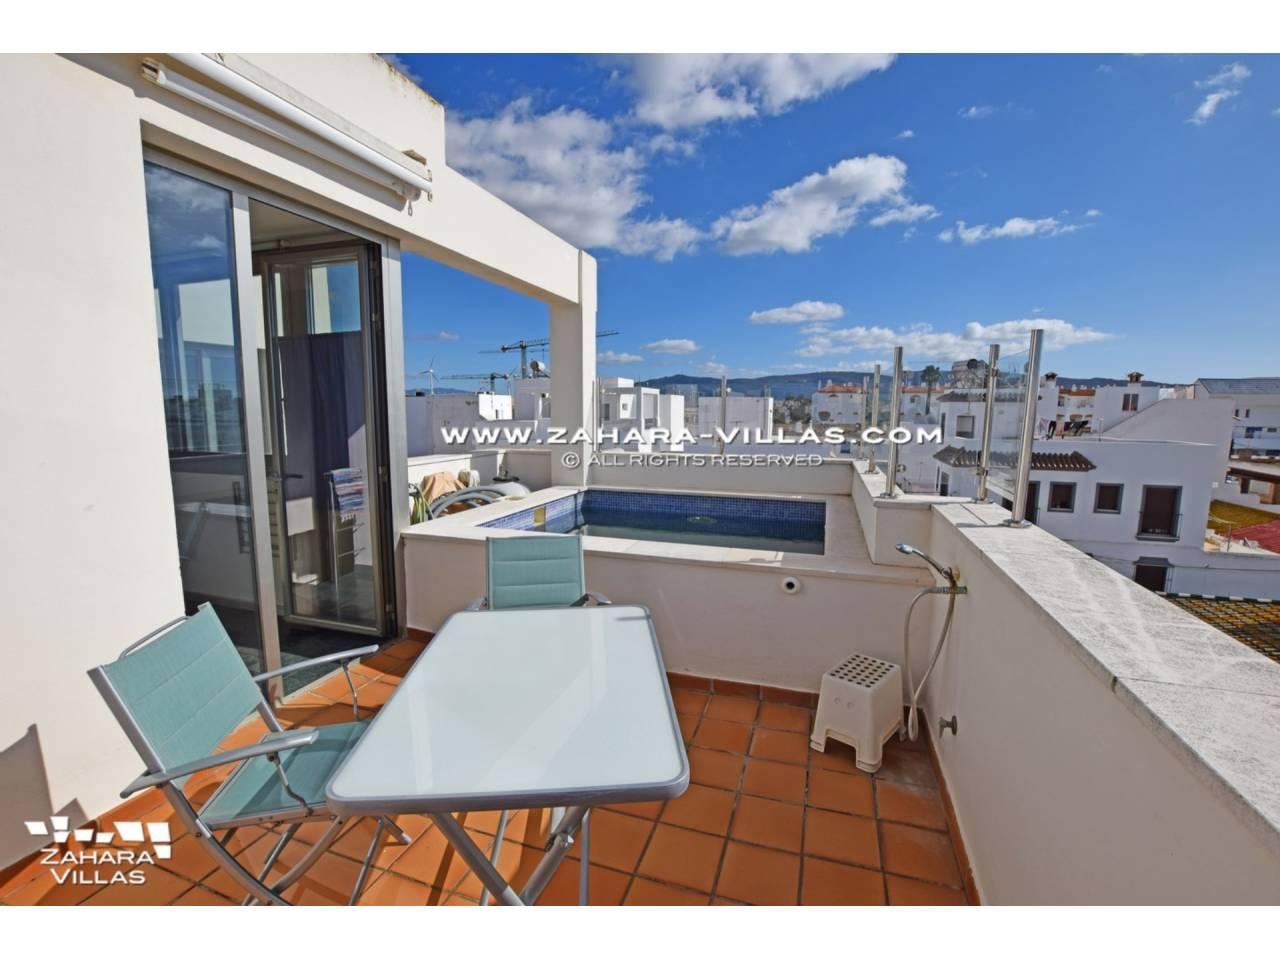 Imagen 1 de House for sale in Zahara de los Atunes